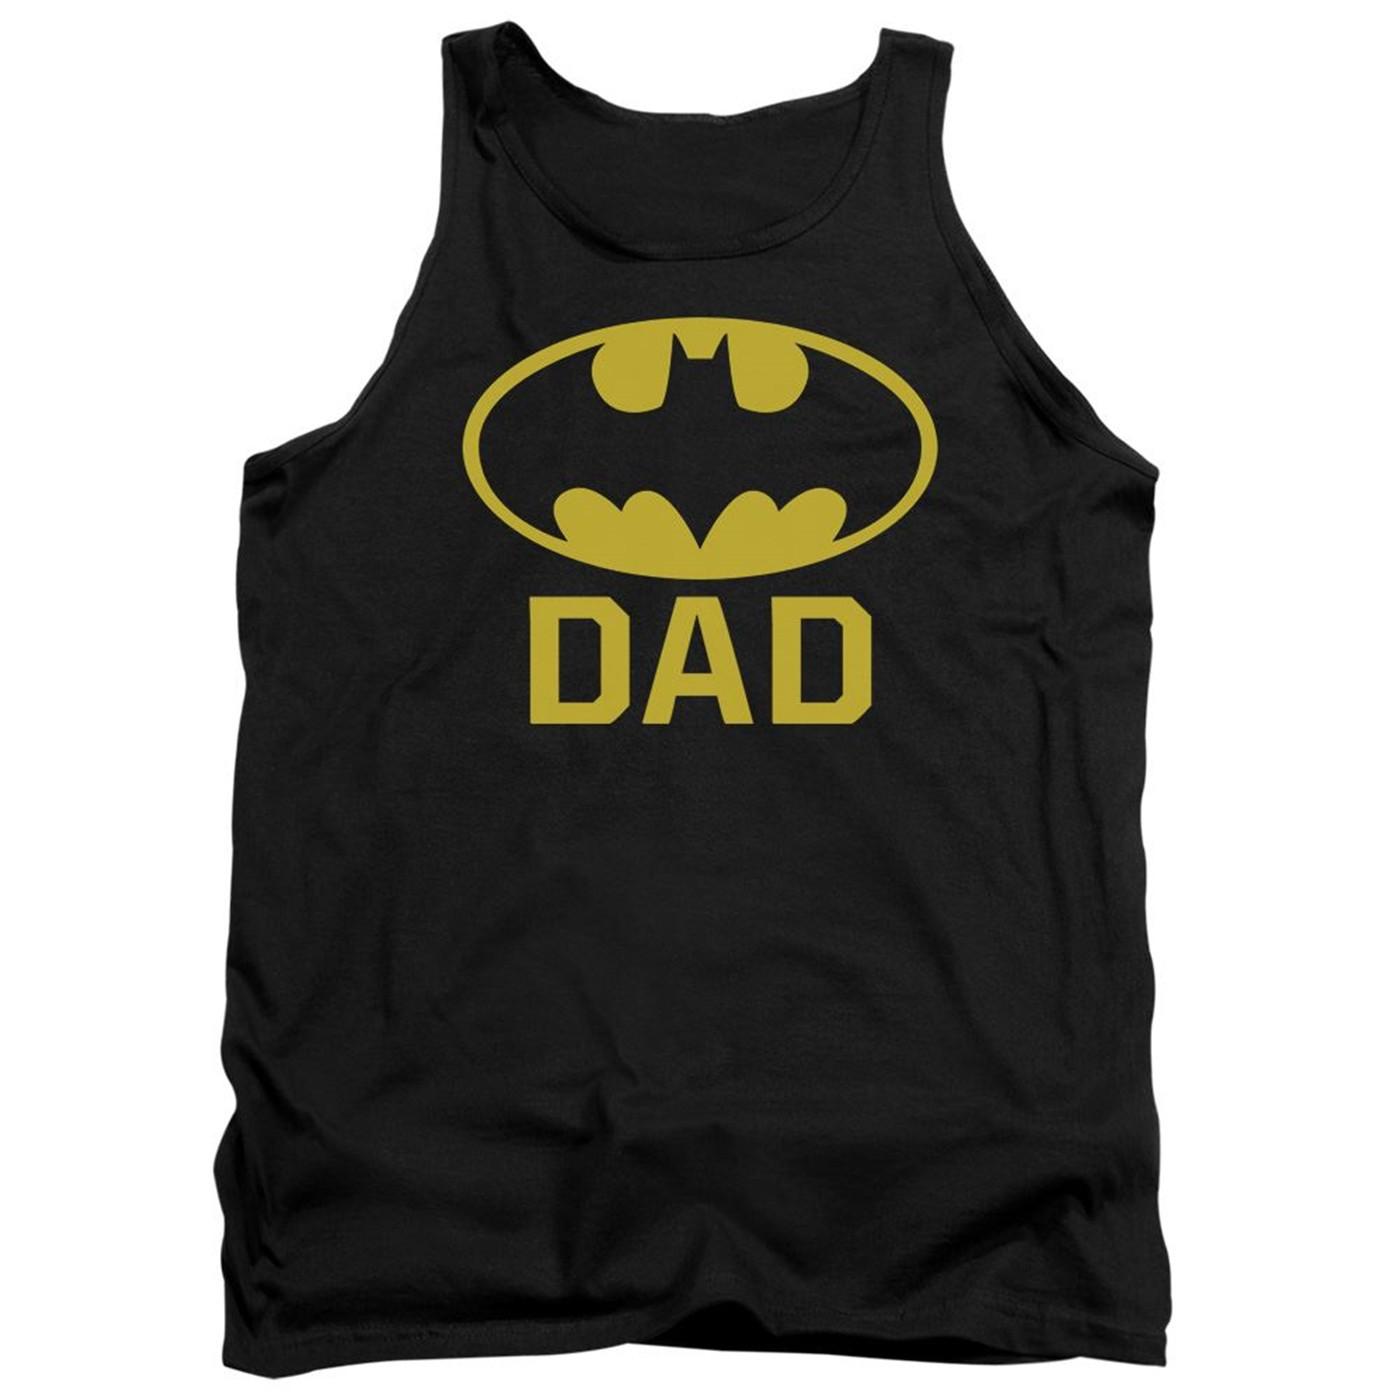 Bat Dad Batman Tank Top